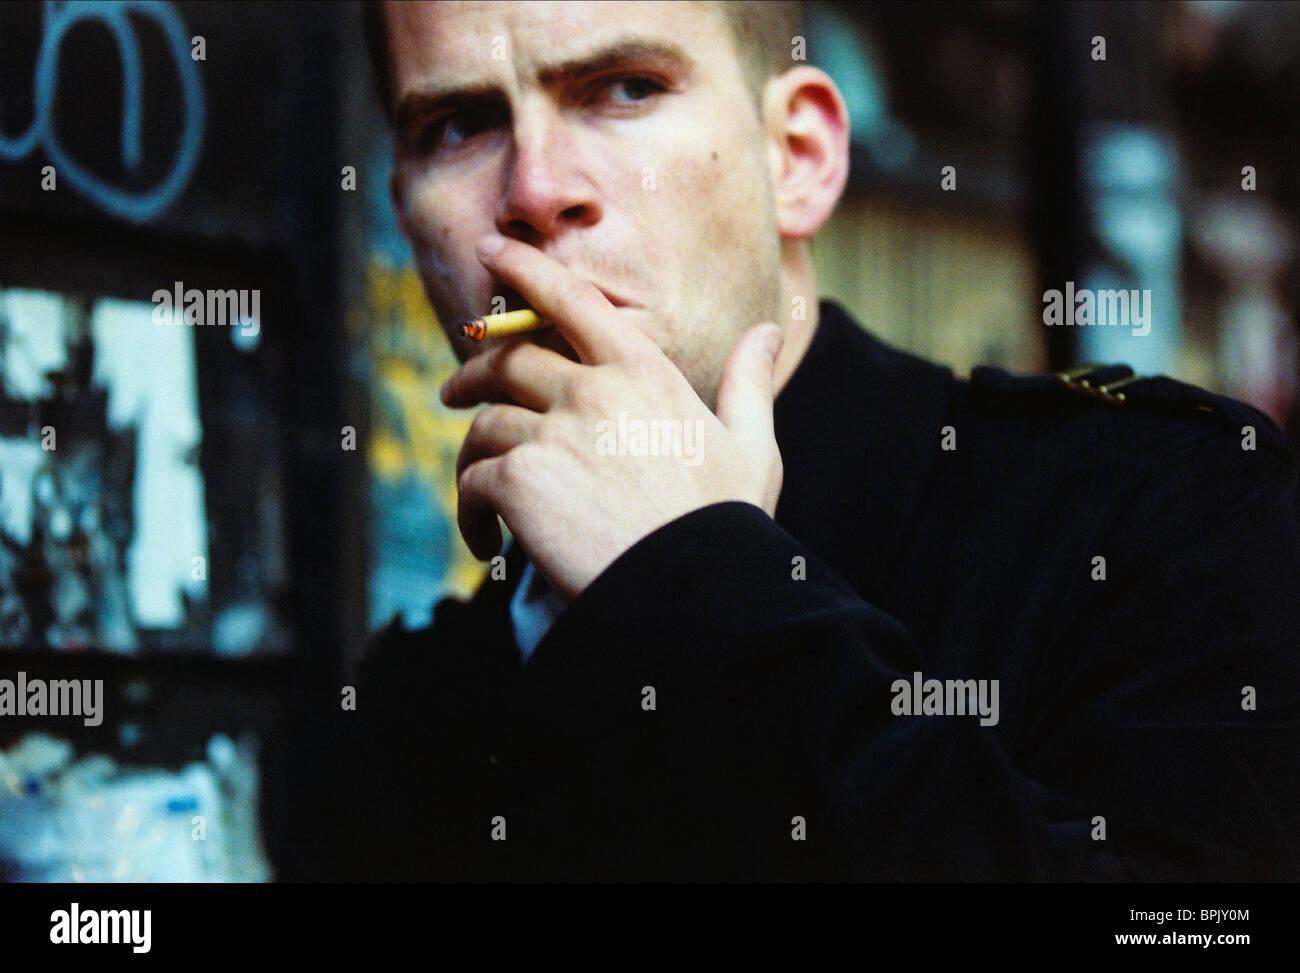 NIKOLAJ LIE KAAS REKONSTRUKTION (2003) Stockbild